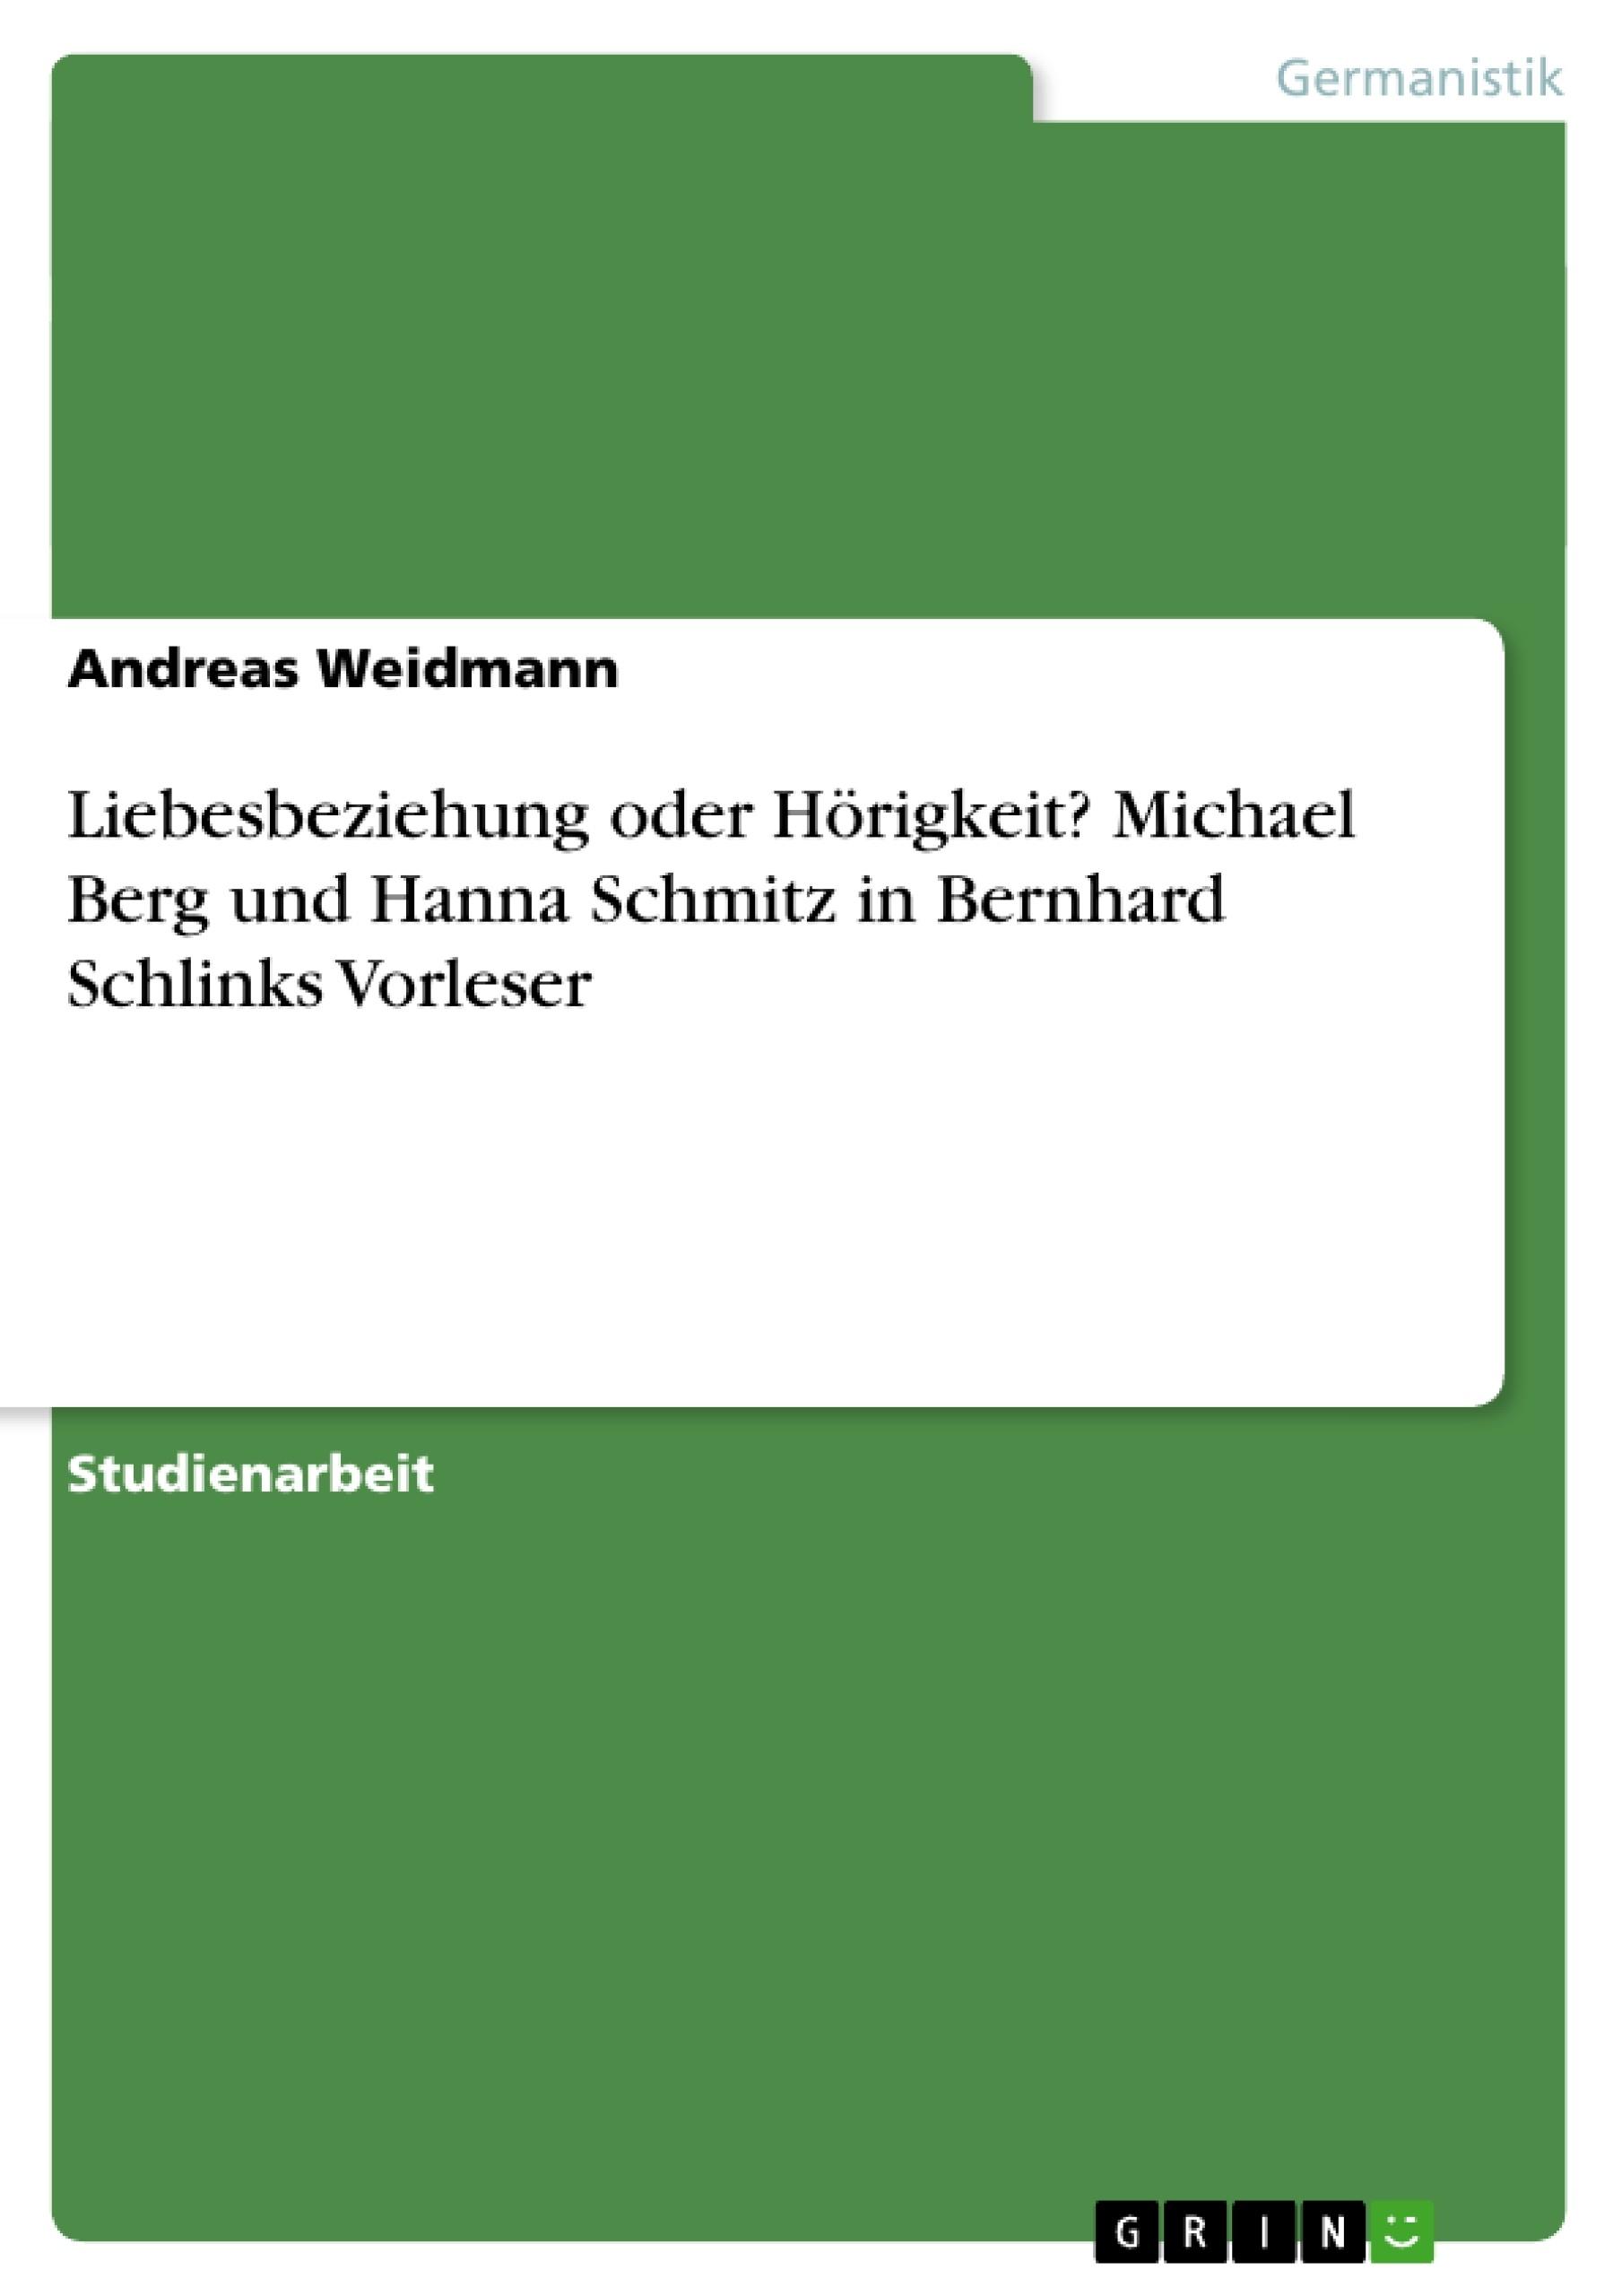 Titel: Liebesbeziehung oder Hörigkeit?  Michael Berg und Hanna Schmitz in Bernhard Schlinks Vorleser